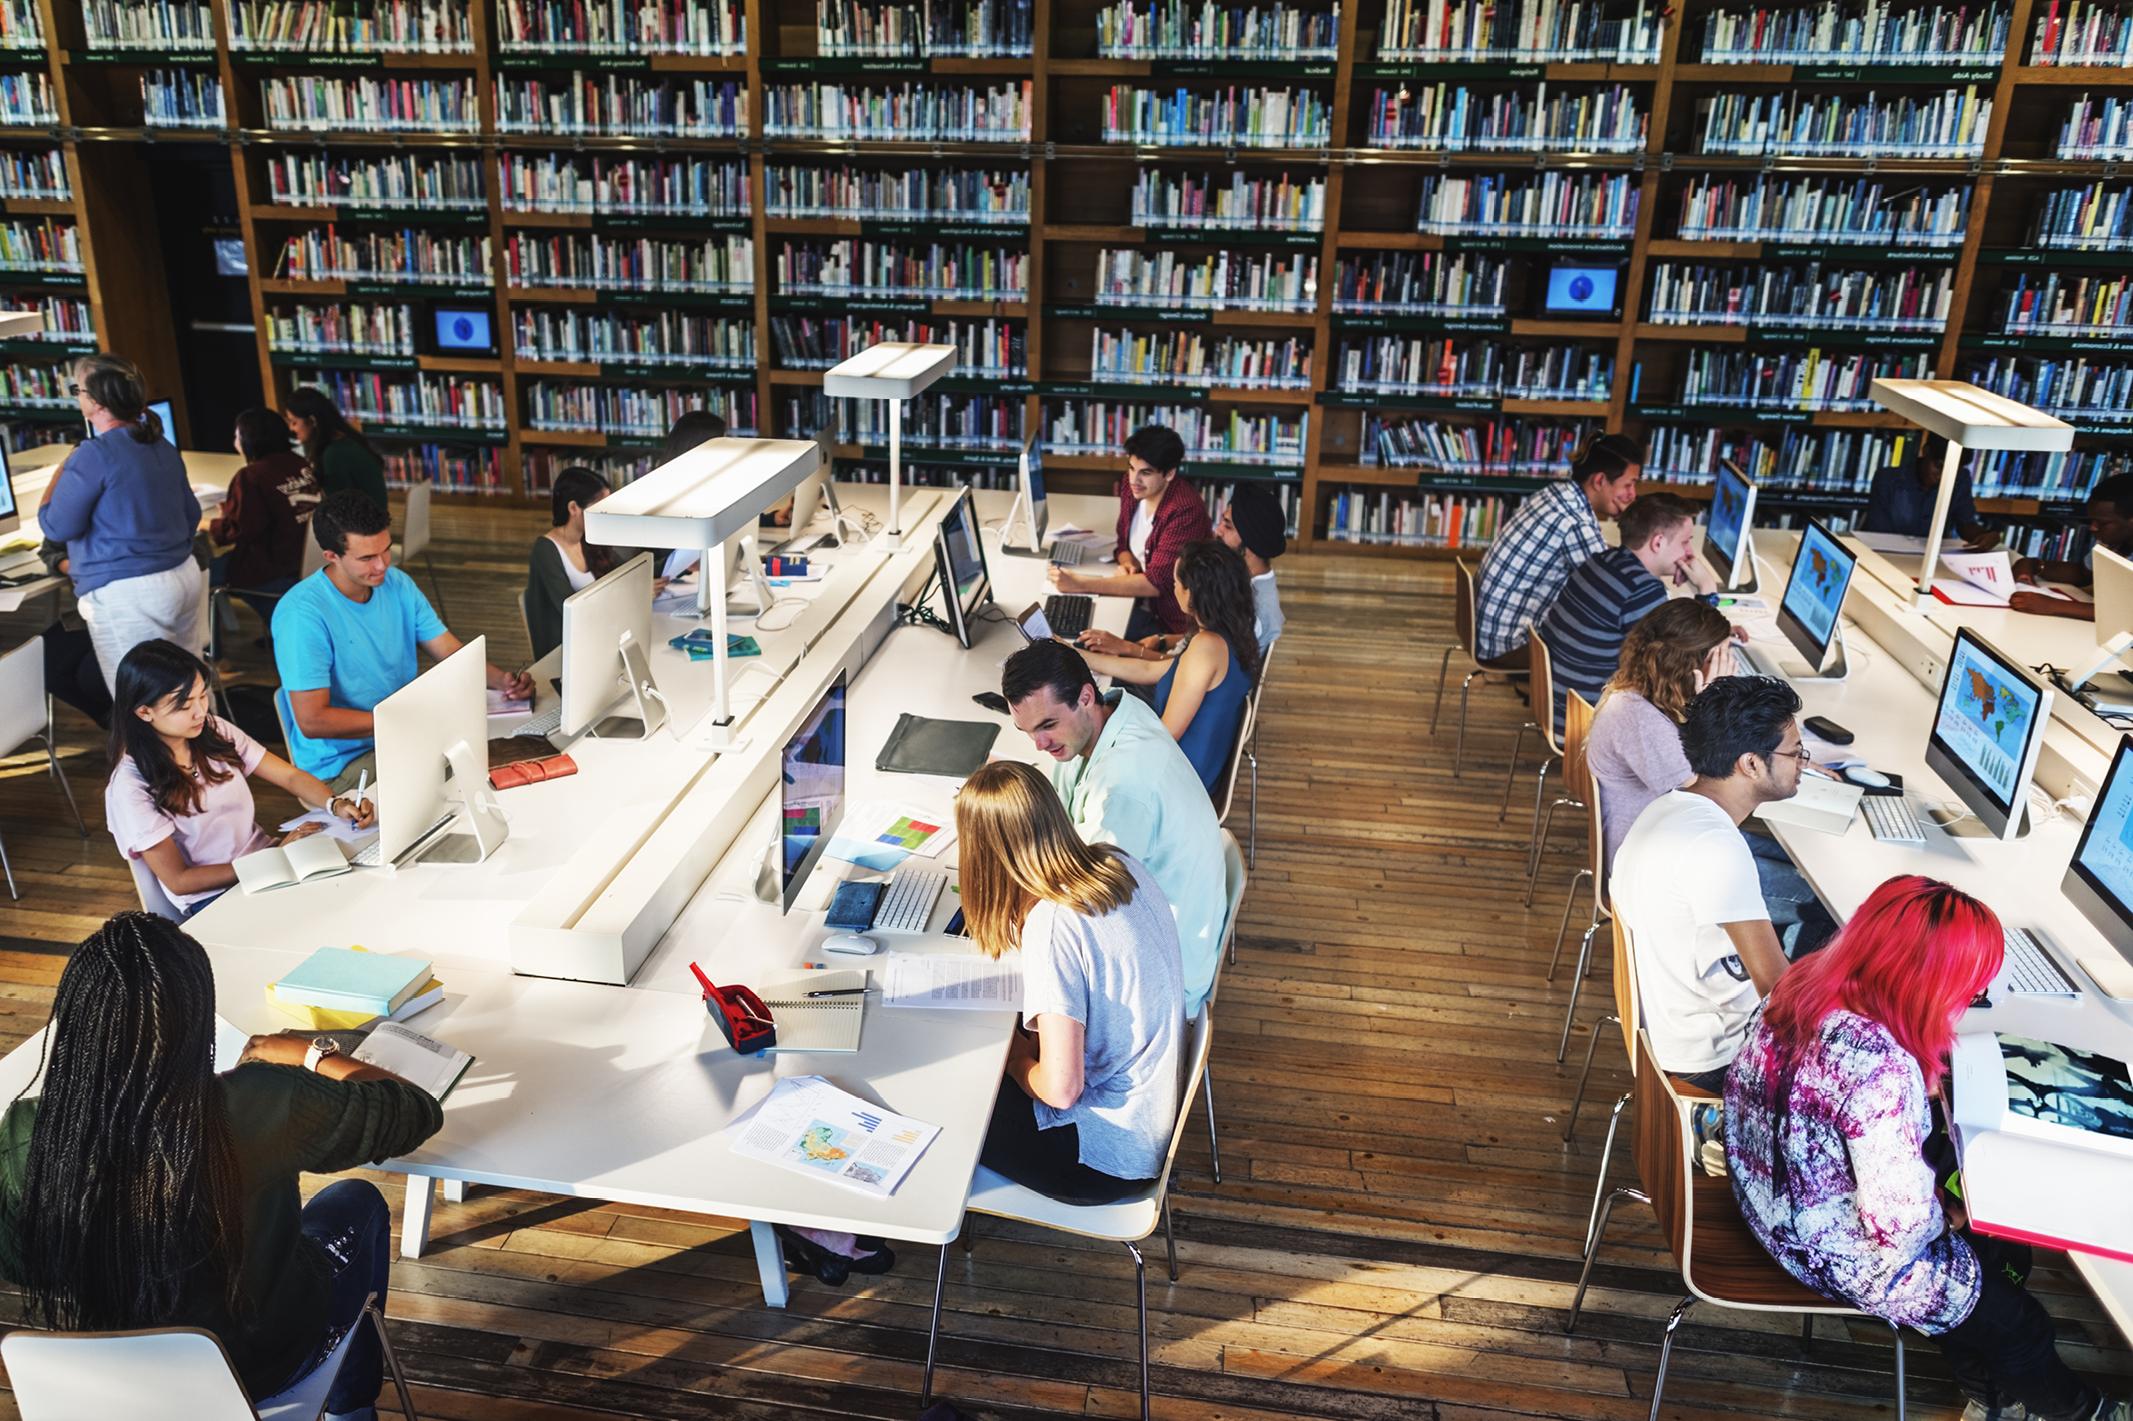 Das Juraexamen: 11 Tage, 6 Klausuren, 1 Ziel – Ein Erfahrungsbericht